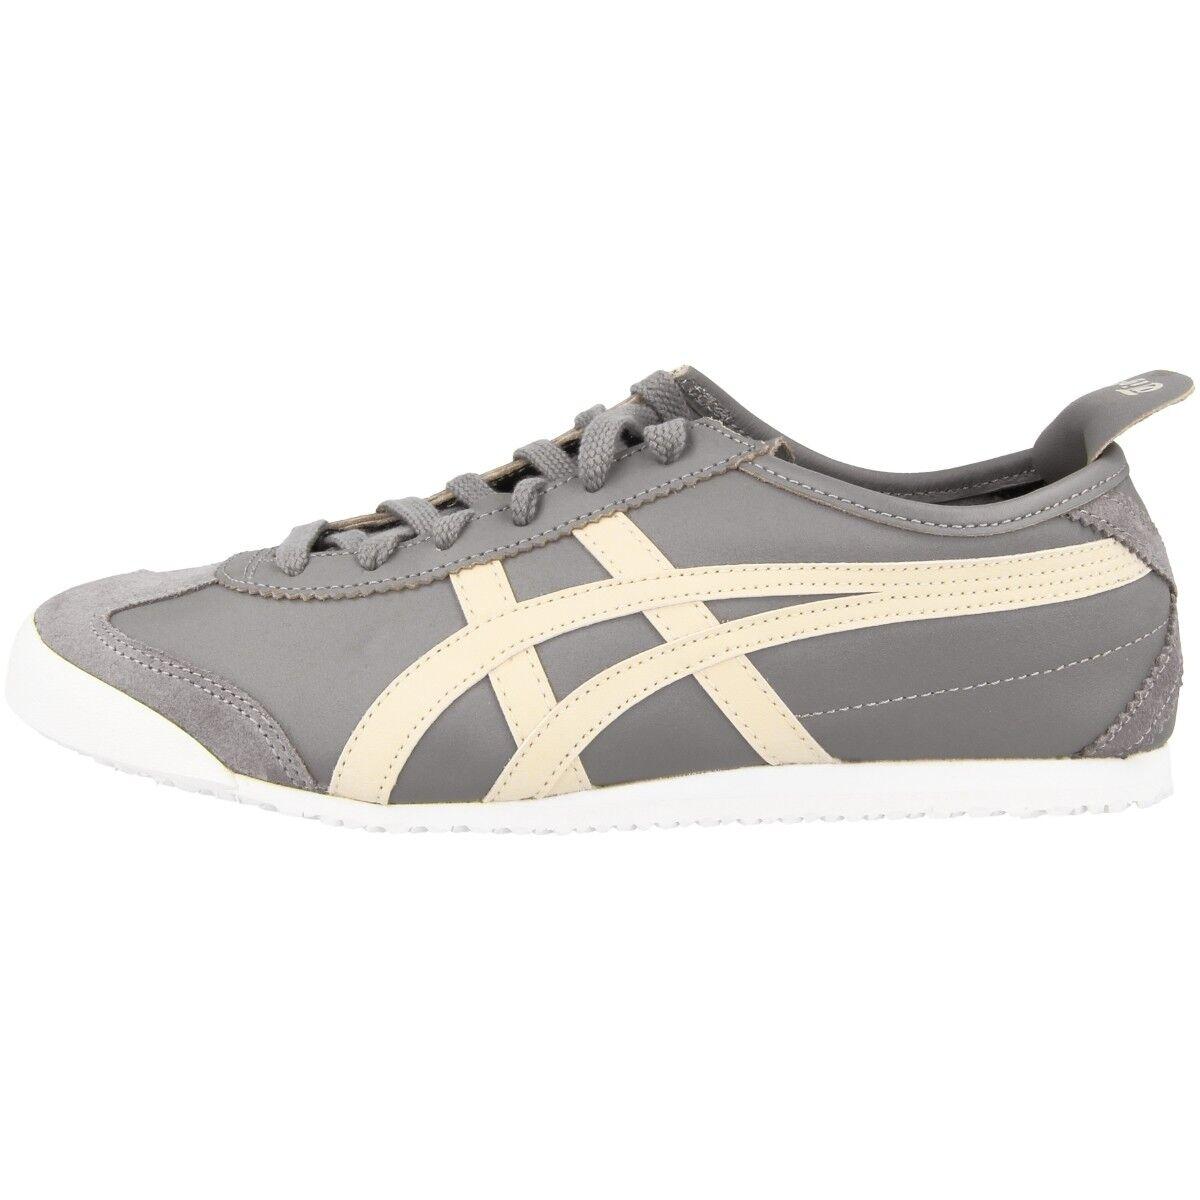 Asics Onitsuka Tiger méxico 66 zapatos retro cortos aluminio Birch d4j2l-9602